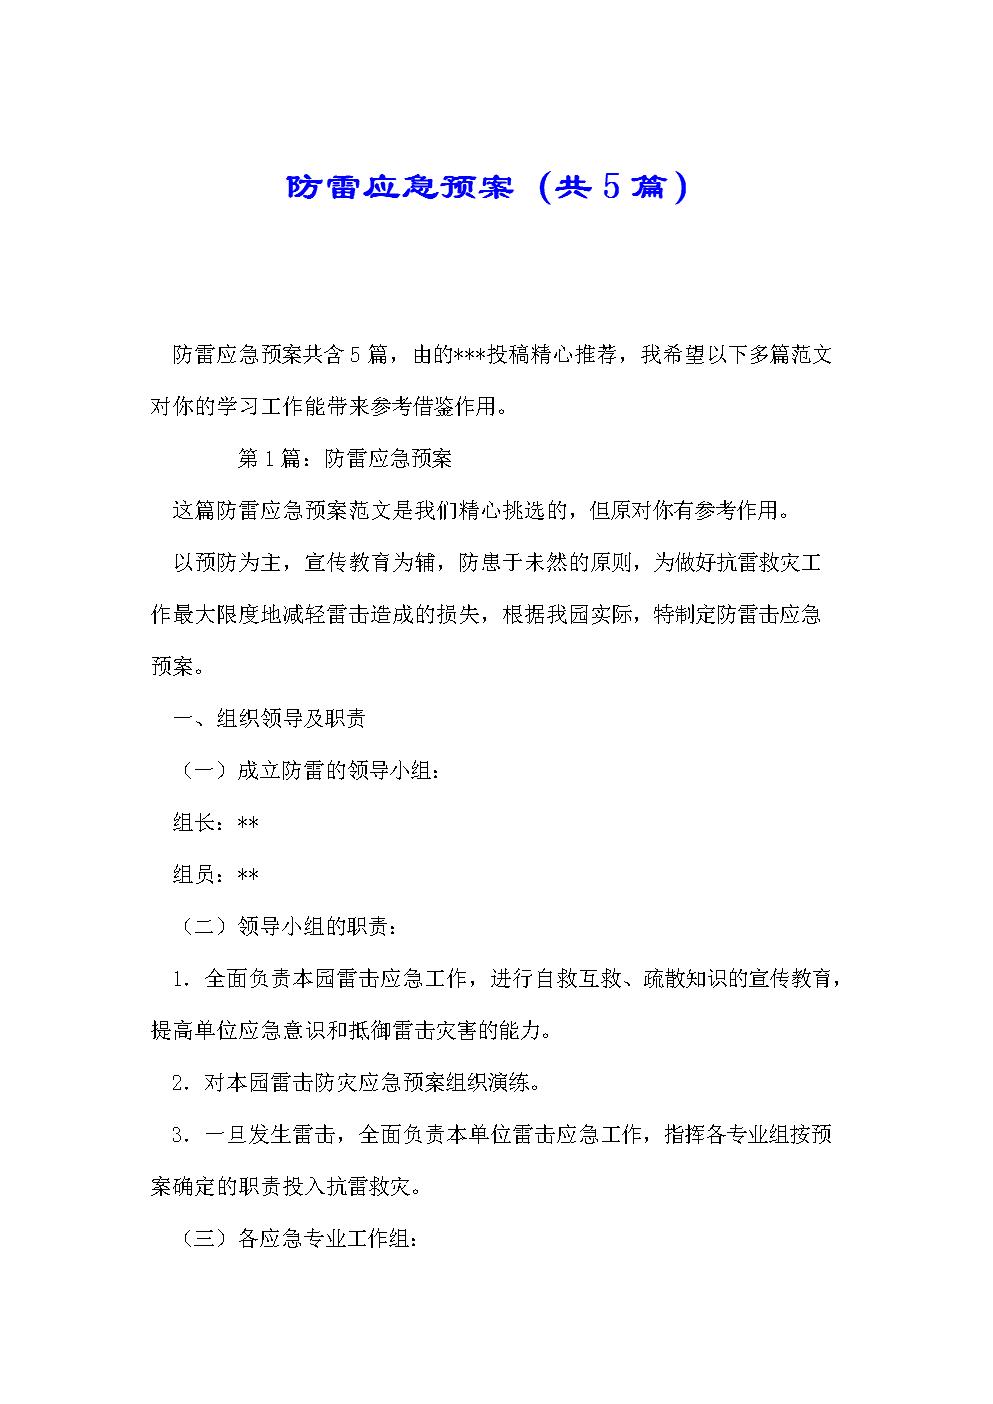 防雷应急预案(共5篇).doc